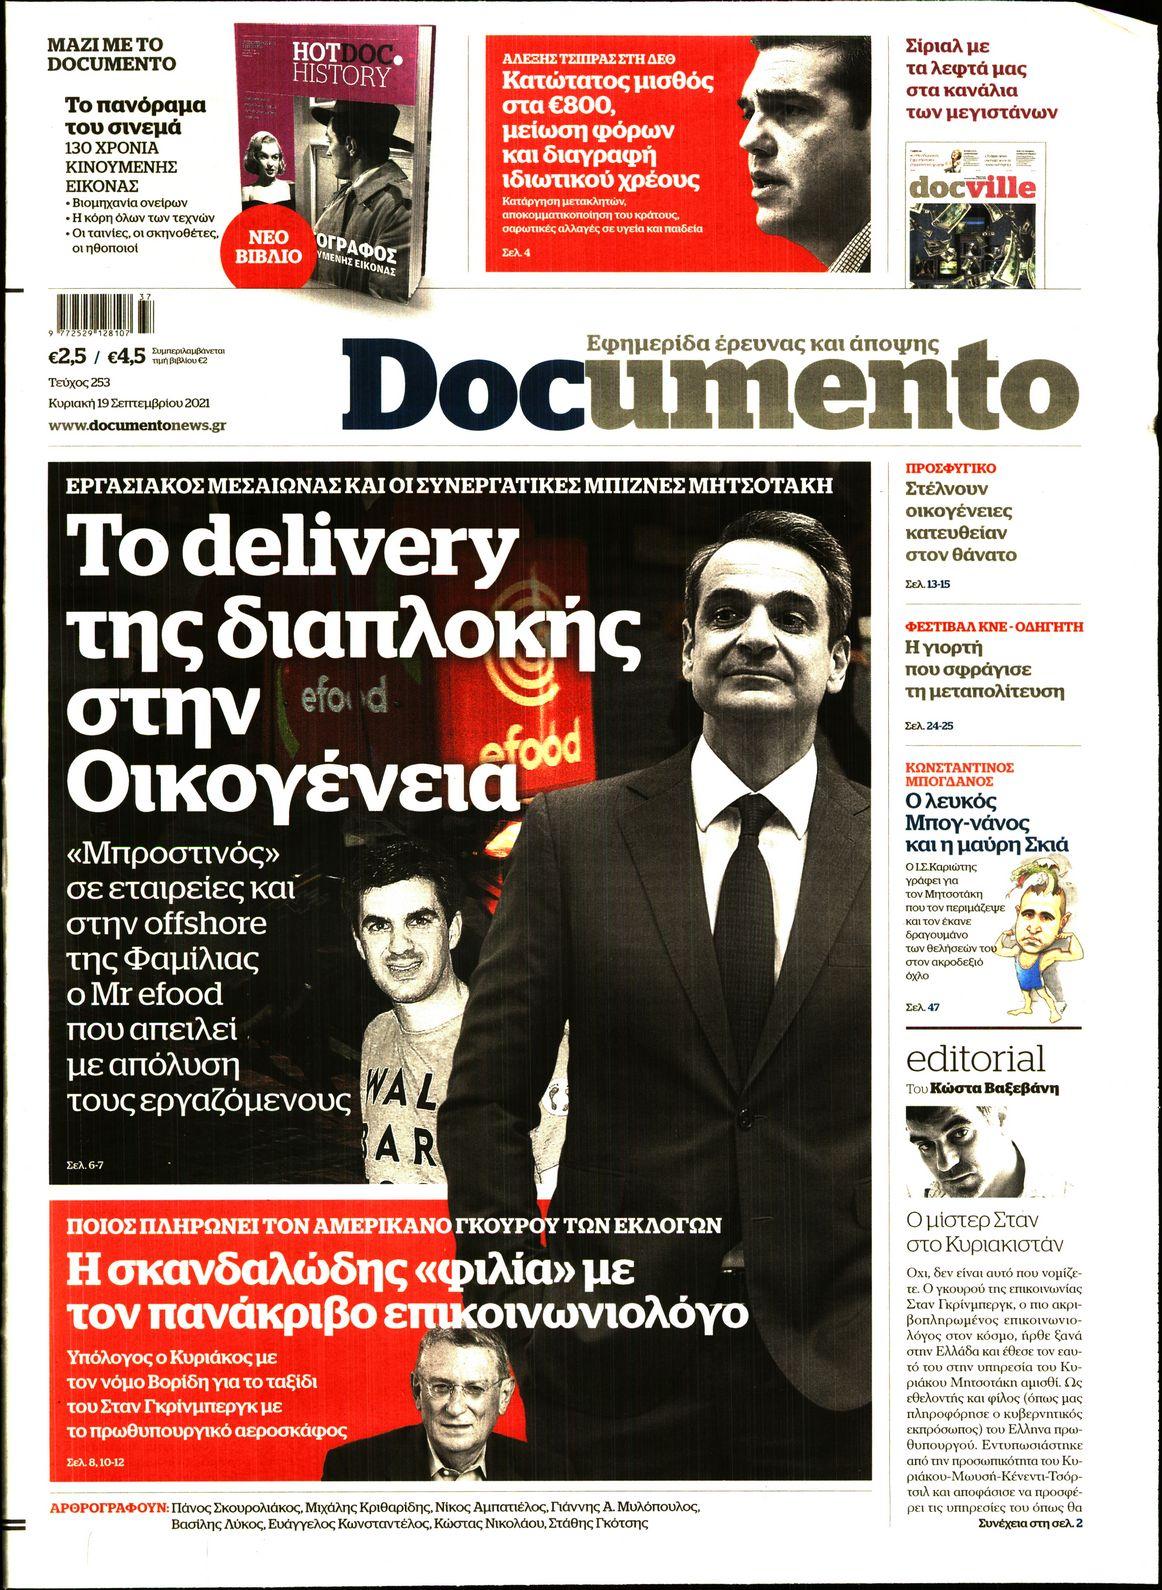 Πρωτοσέλιδο του εντύπου «DOCUMENTO» που δημοσιεύτηκε στις 19/09/2021